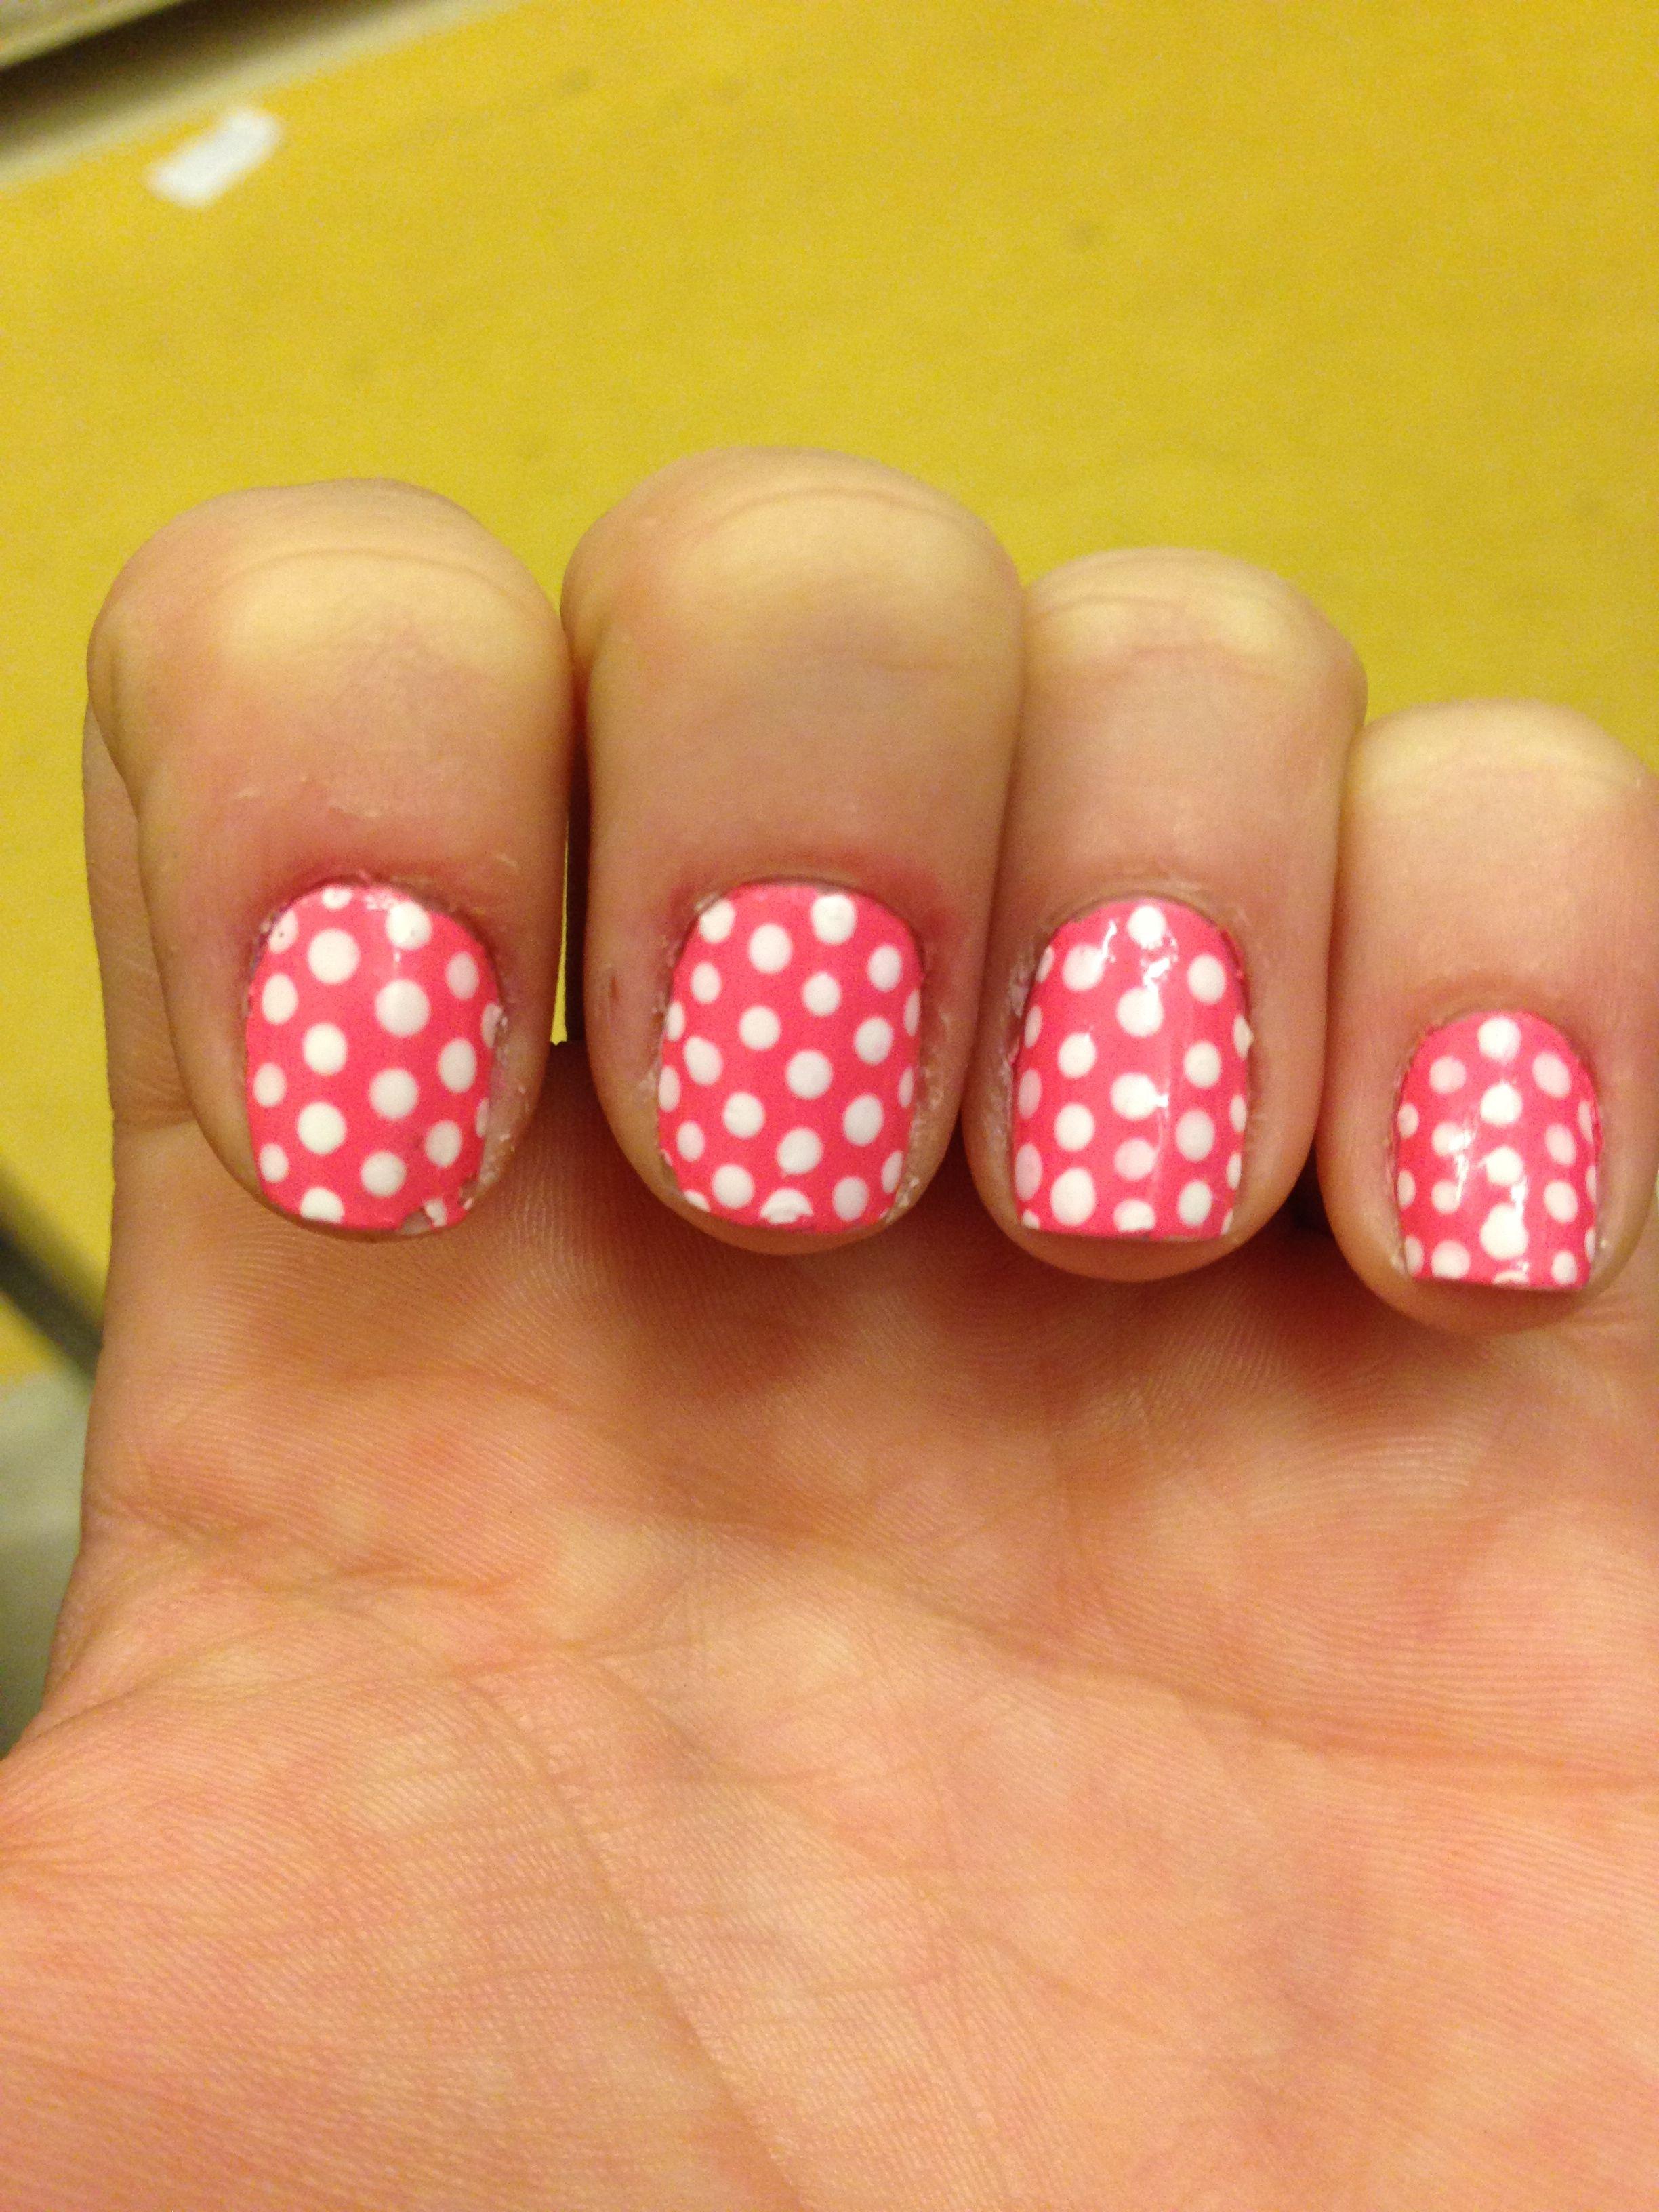 #nailart #nails #pink #polkadots